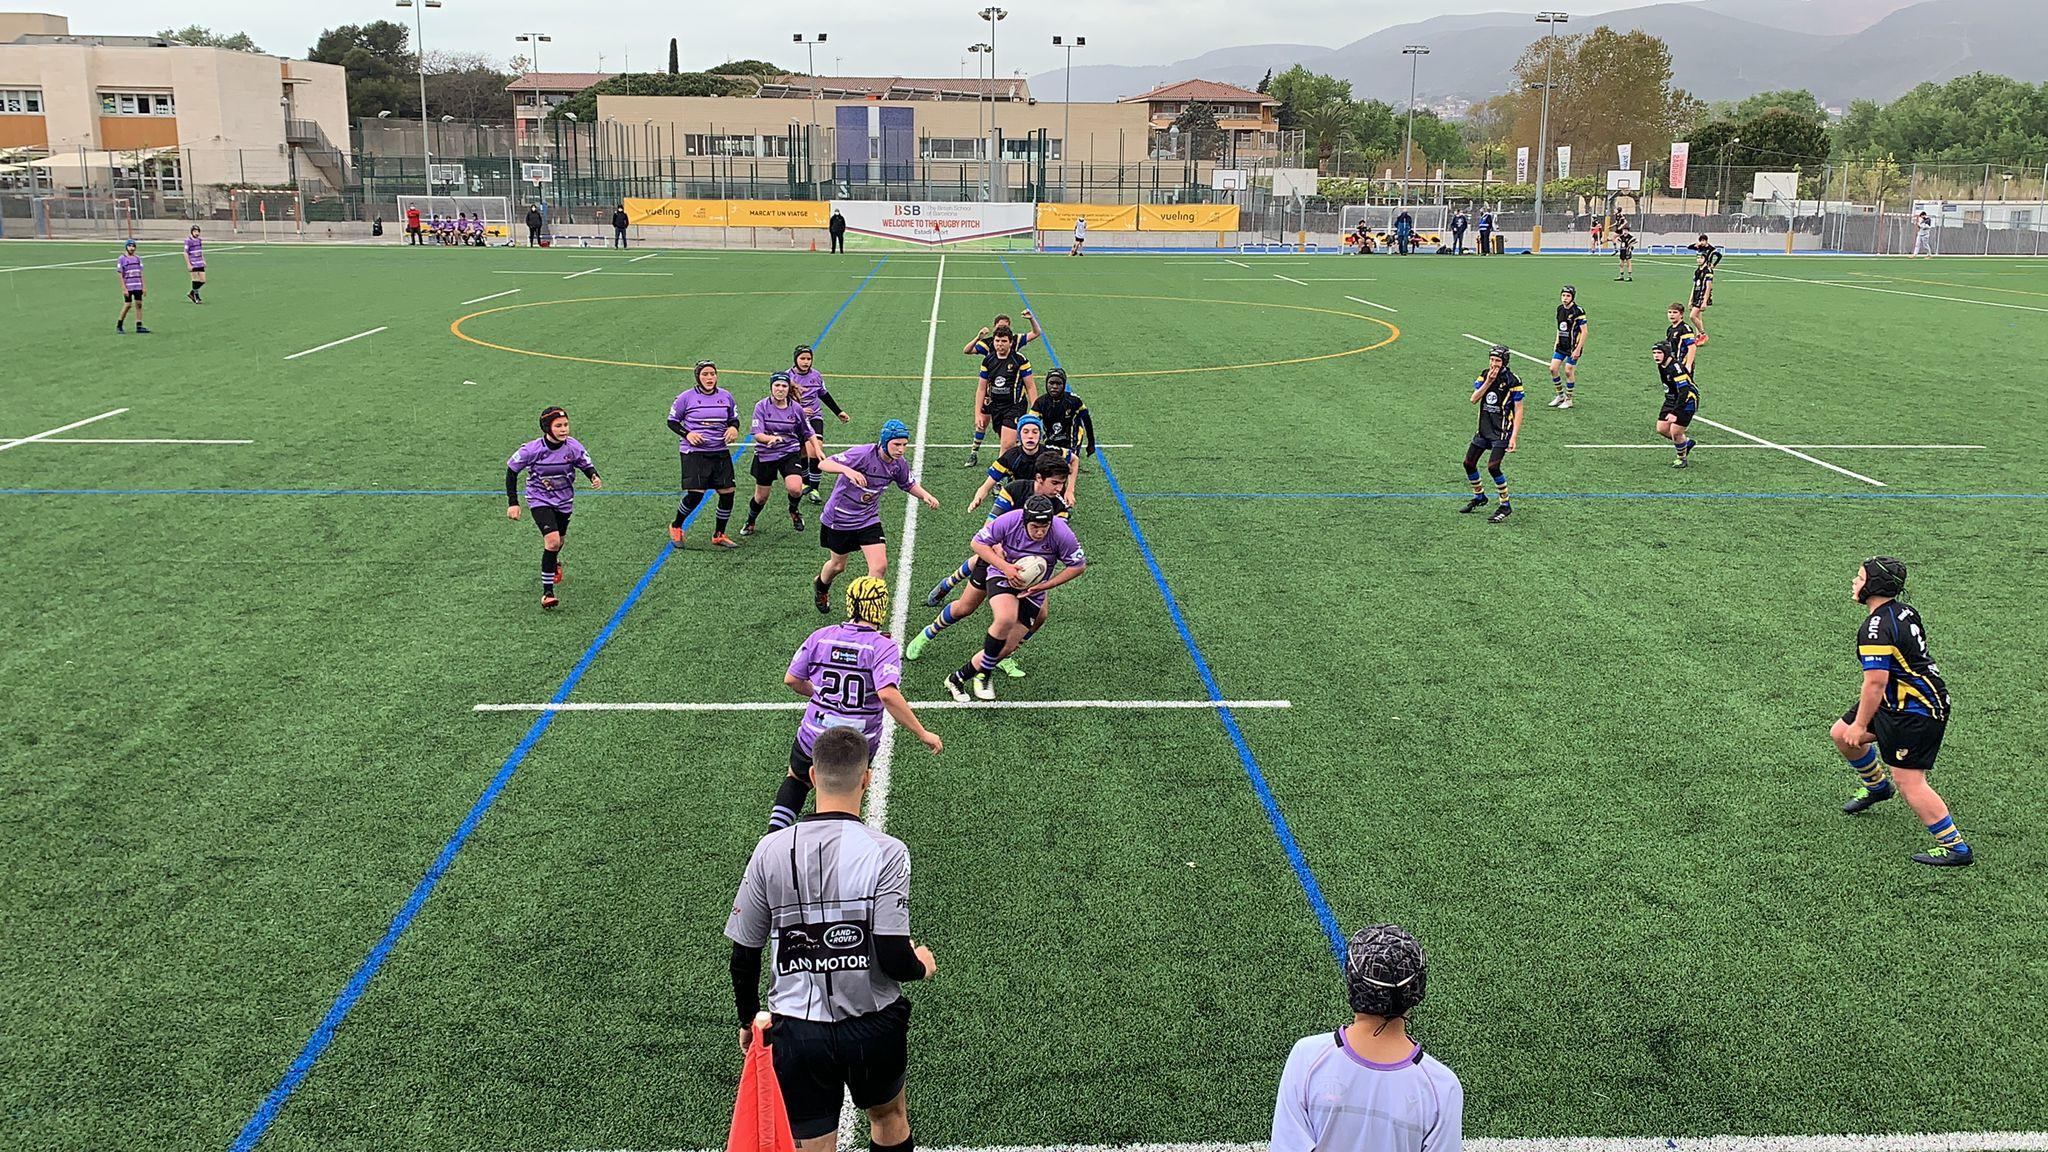 partido de la categoría sub 14: CRUC vs CR Tarragona Voltors